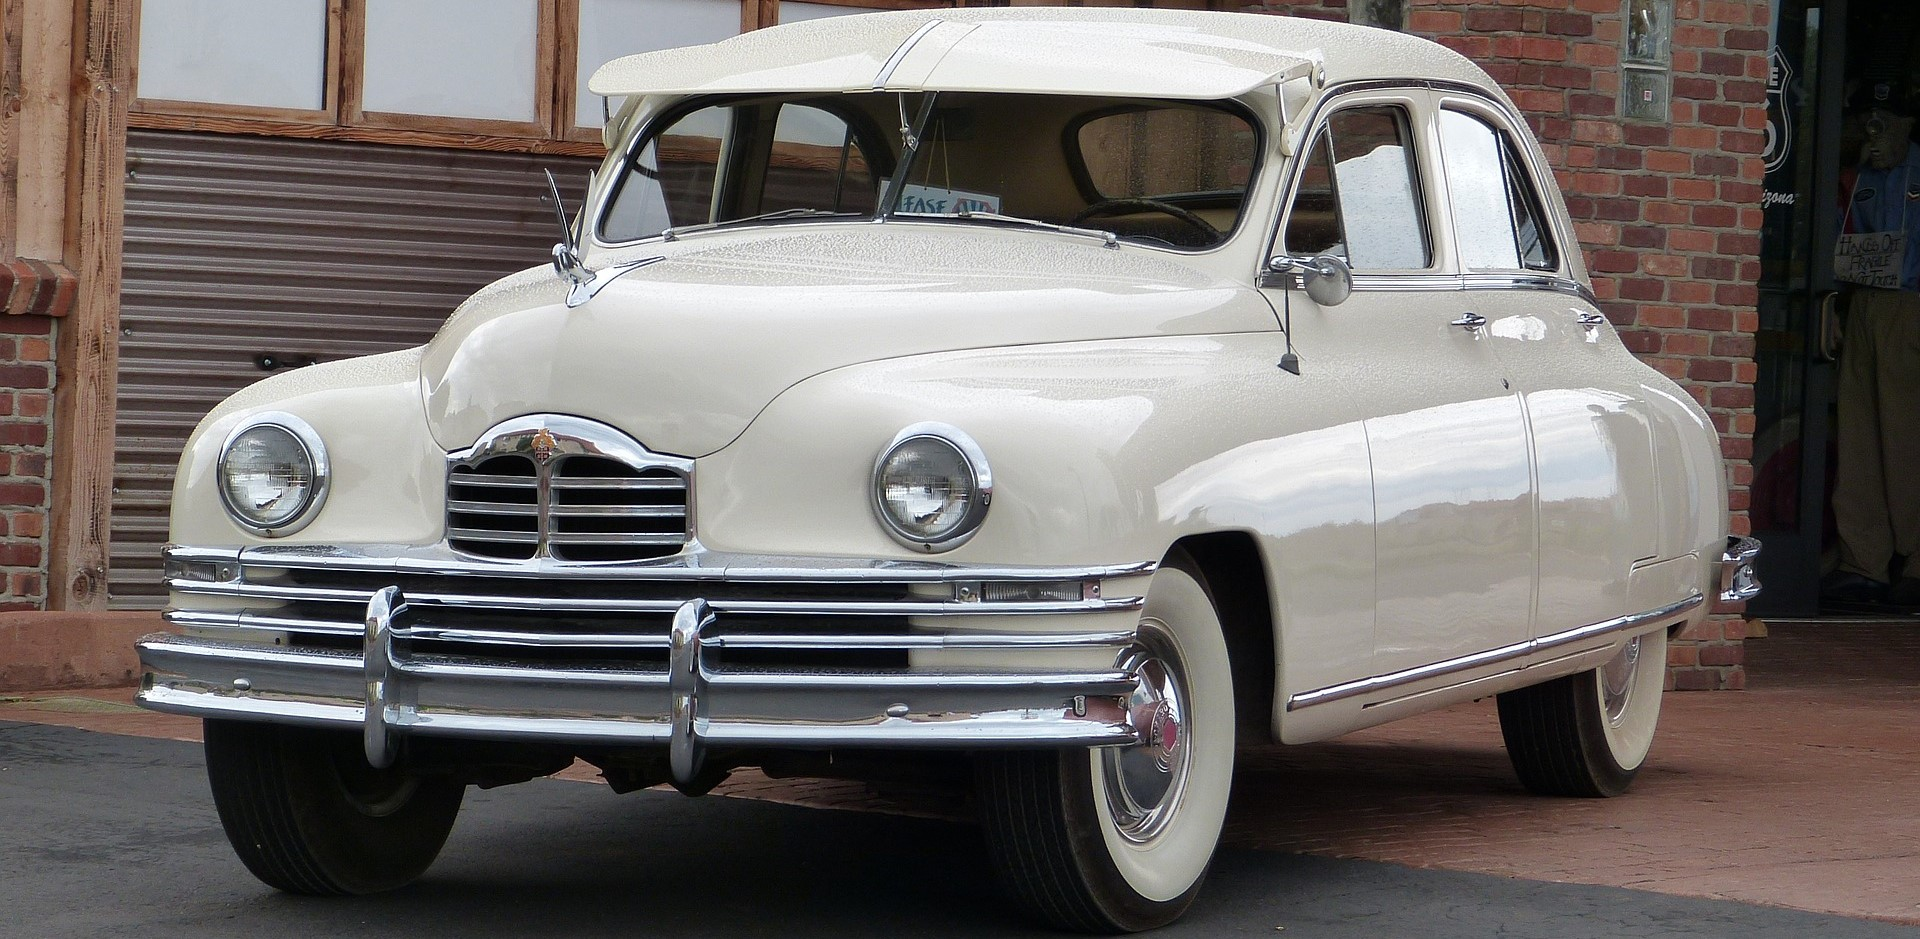 Donate A Car in Sarasota Florida – Sarasota Vehicle Donation